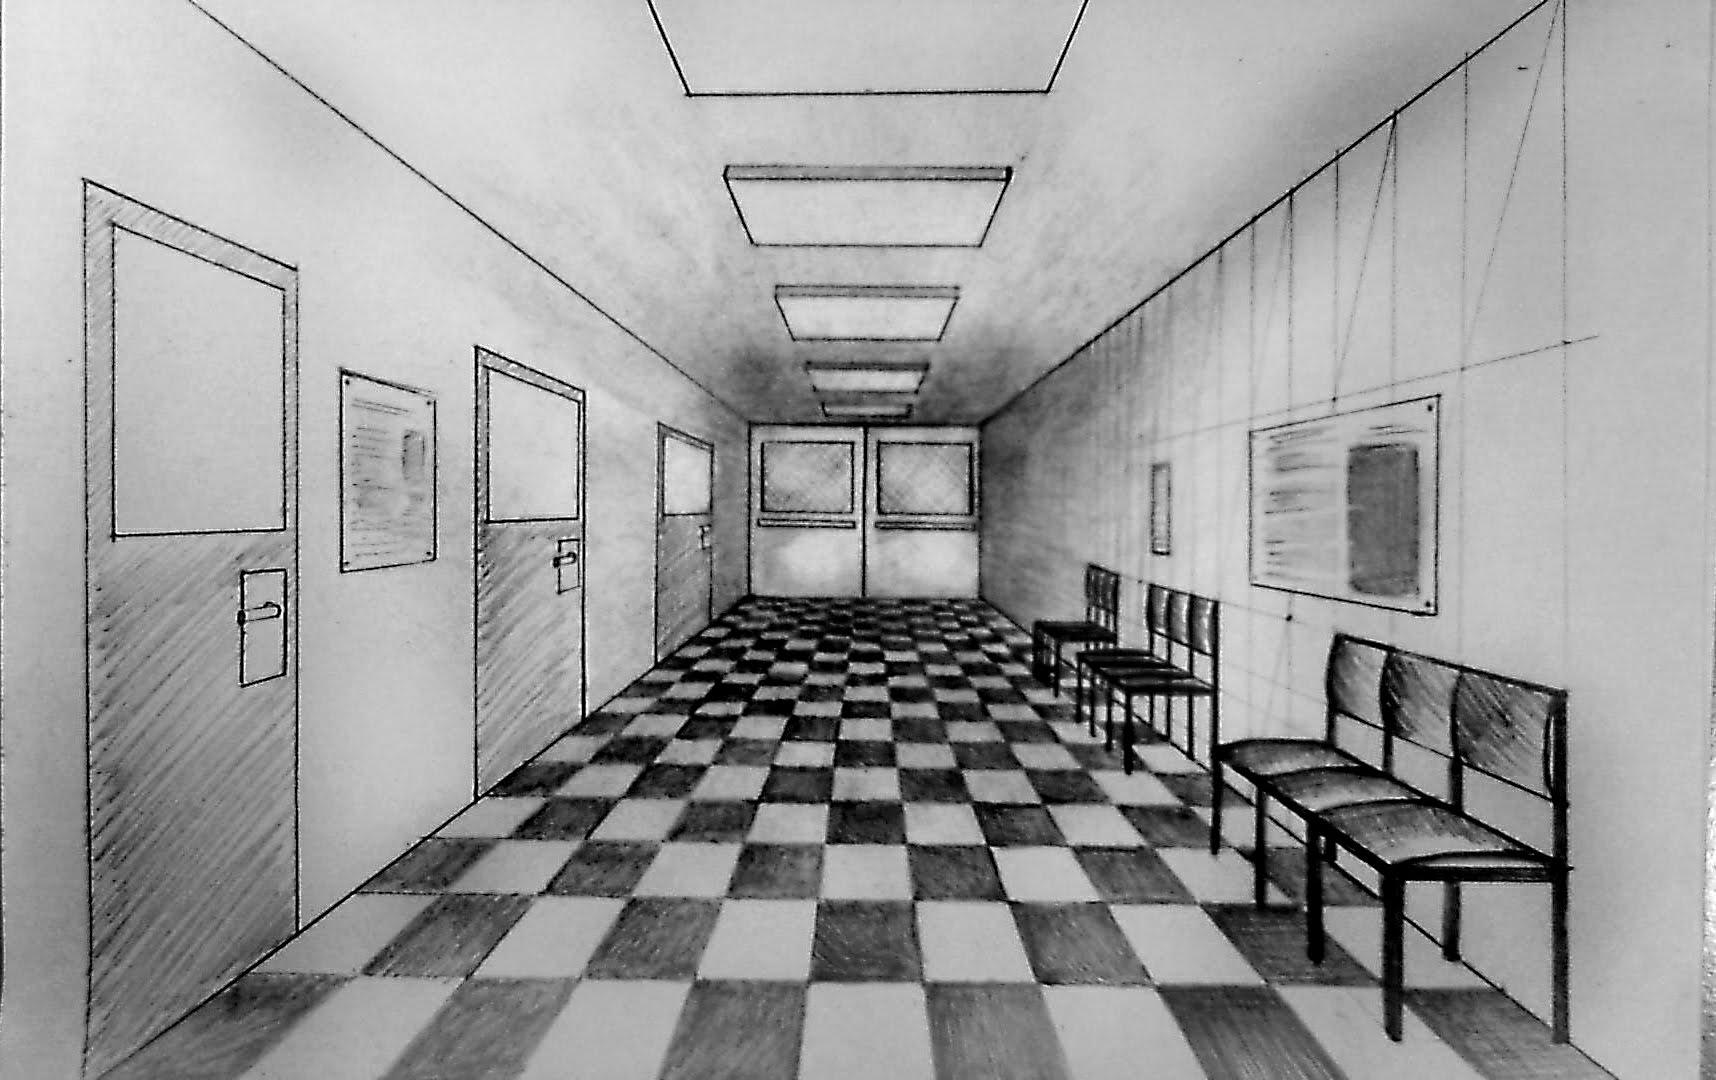 school hallway drawing - HD1716×1080